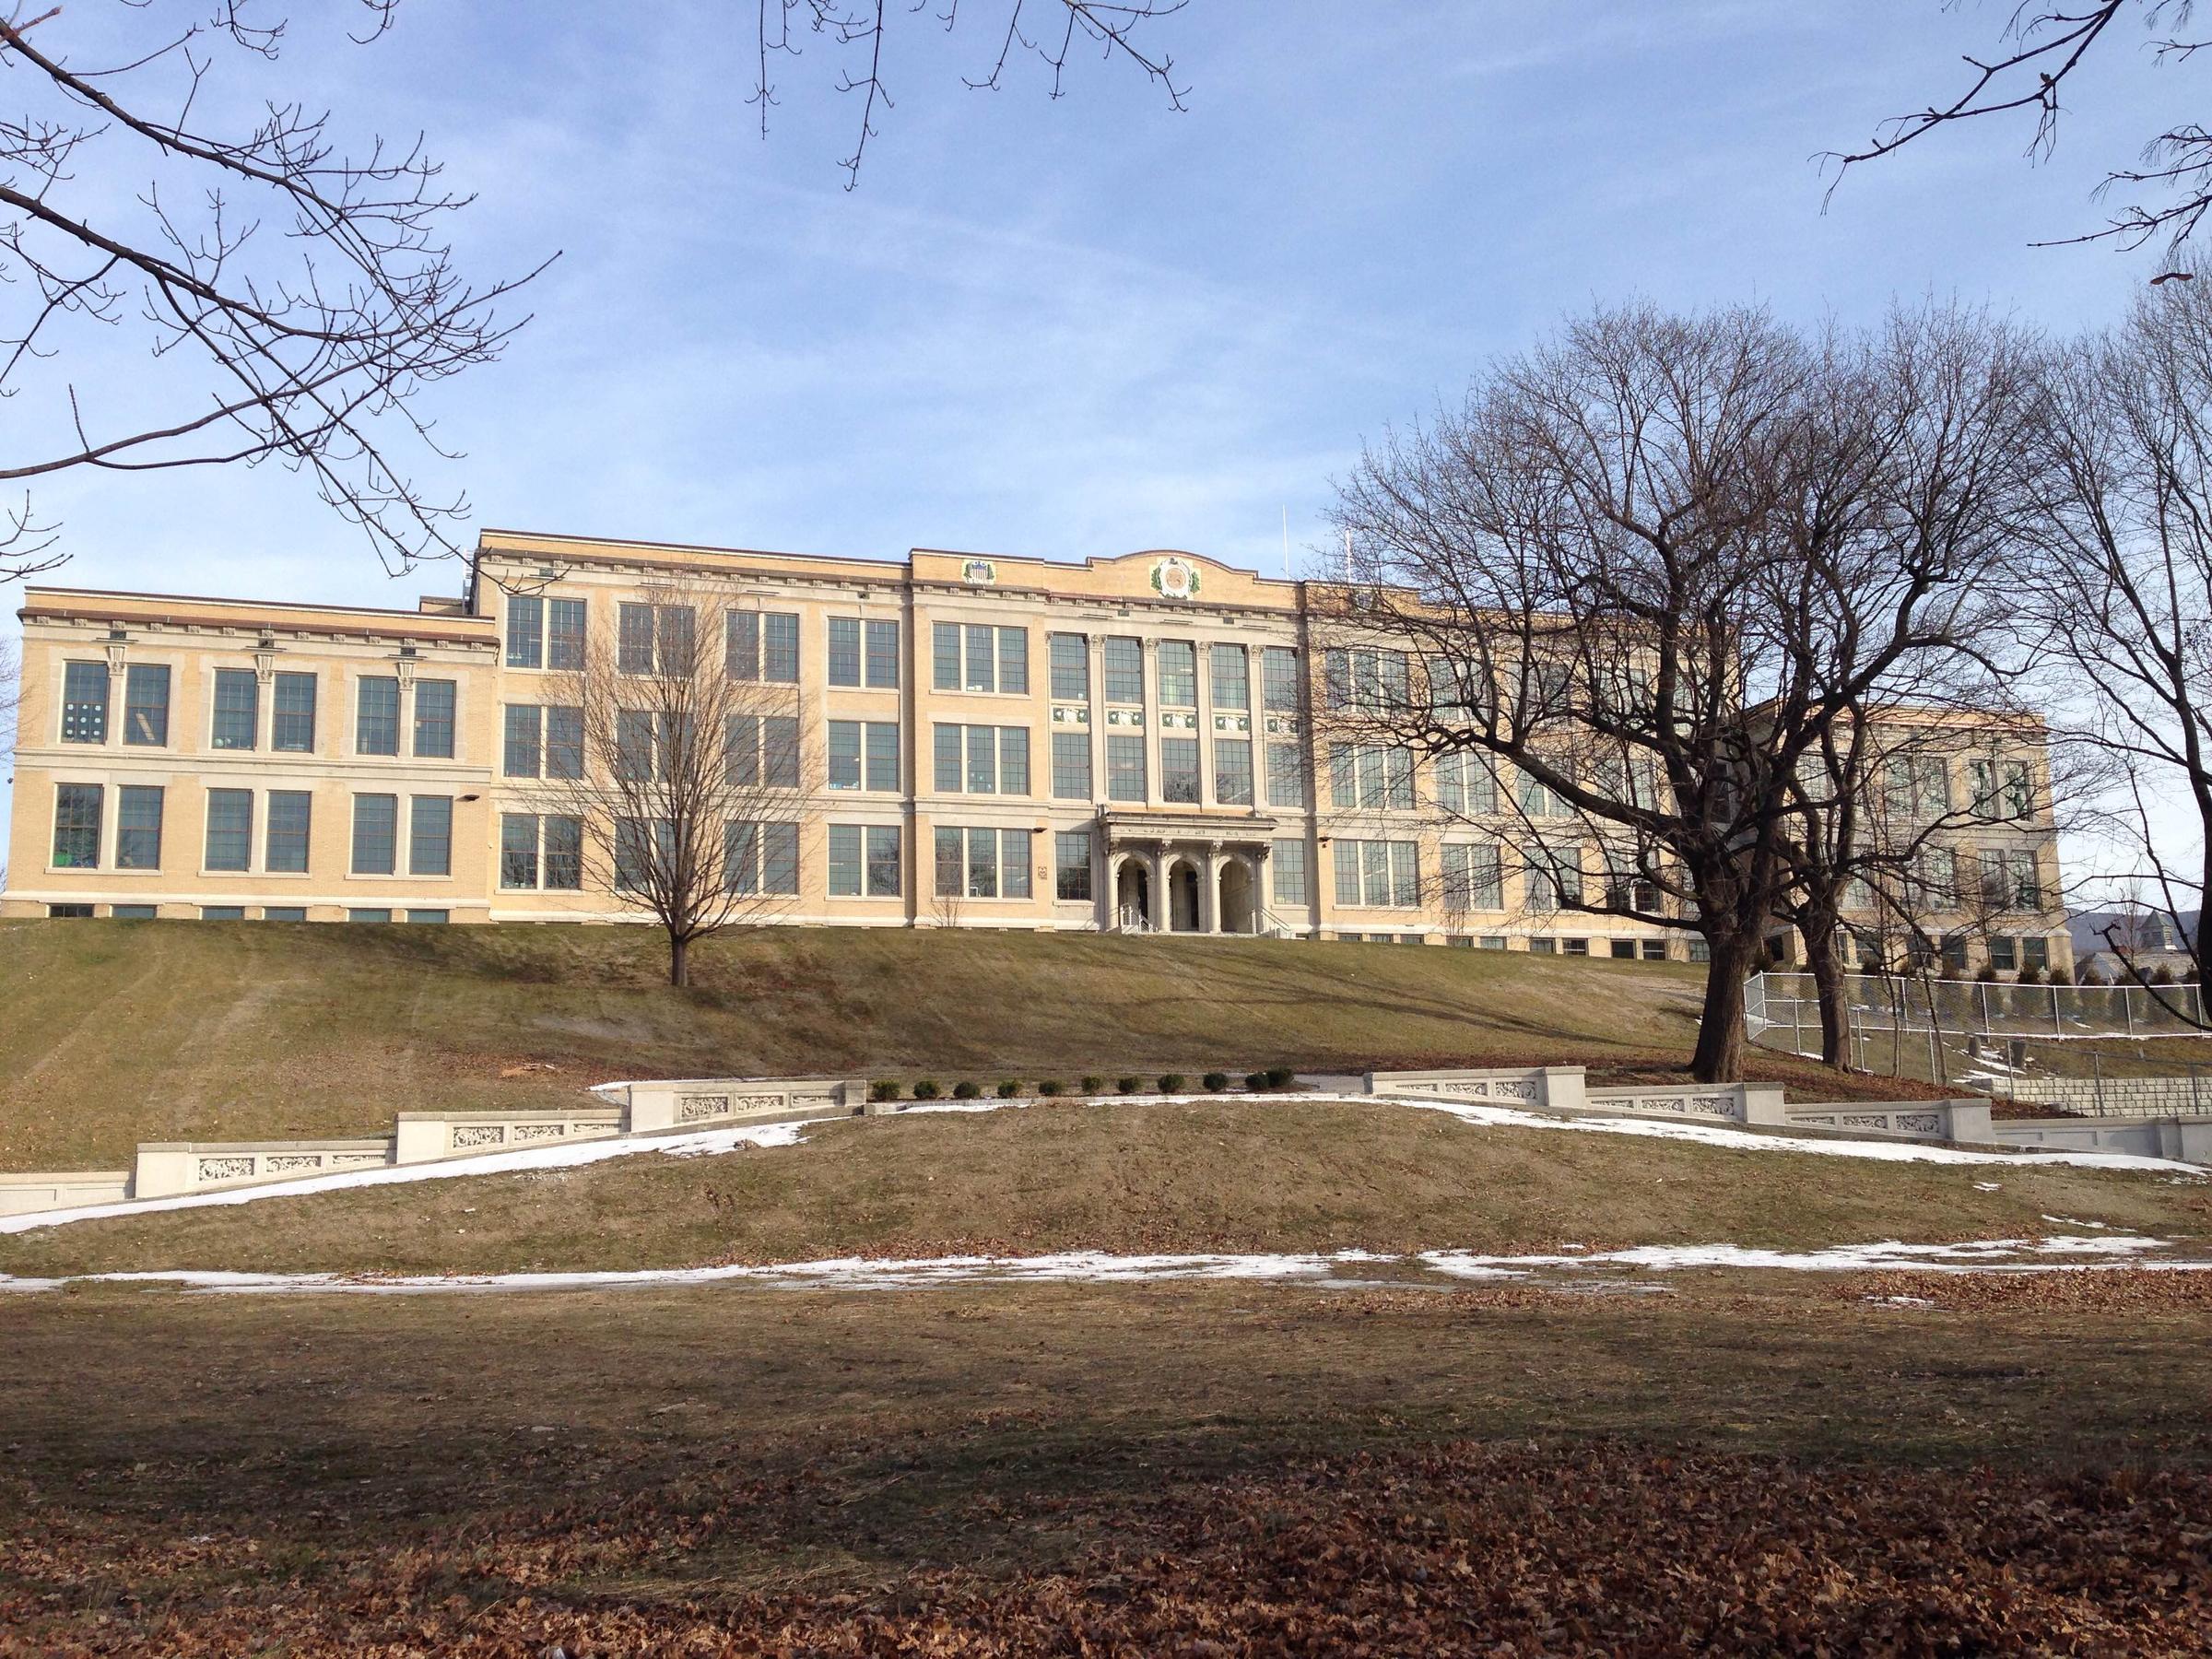 Colegrove Elementary